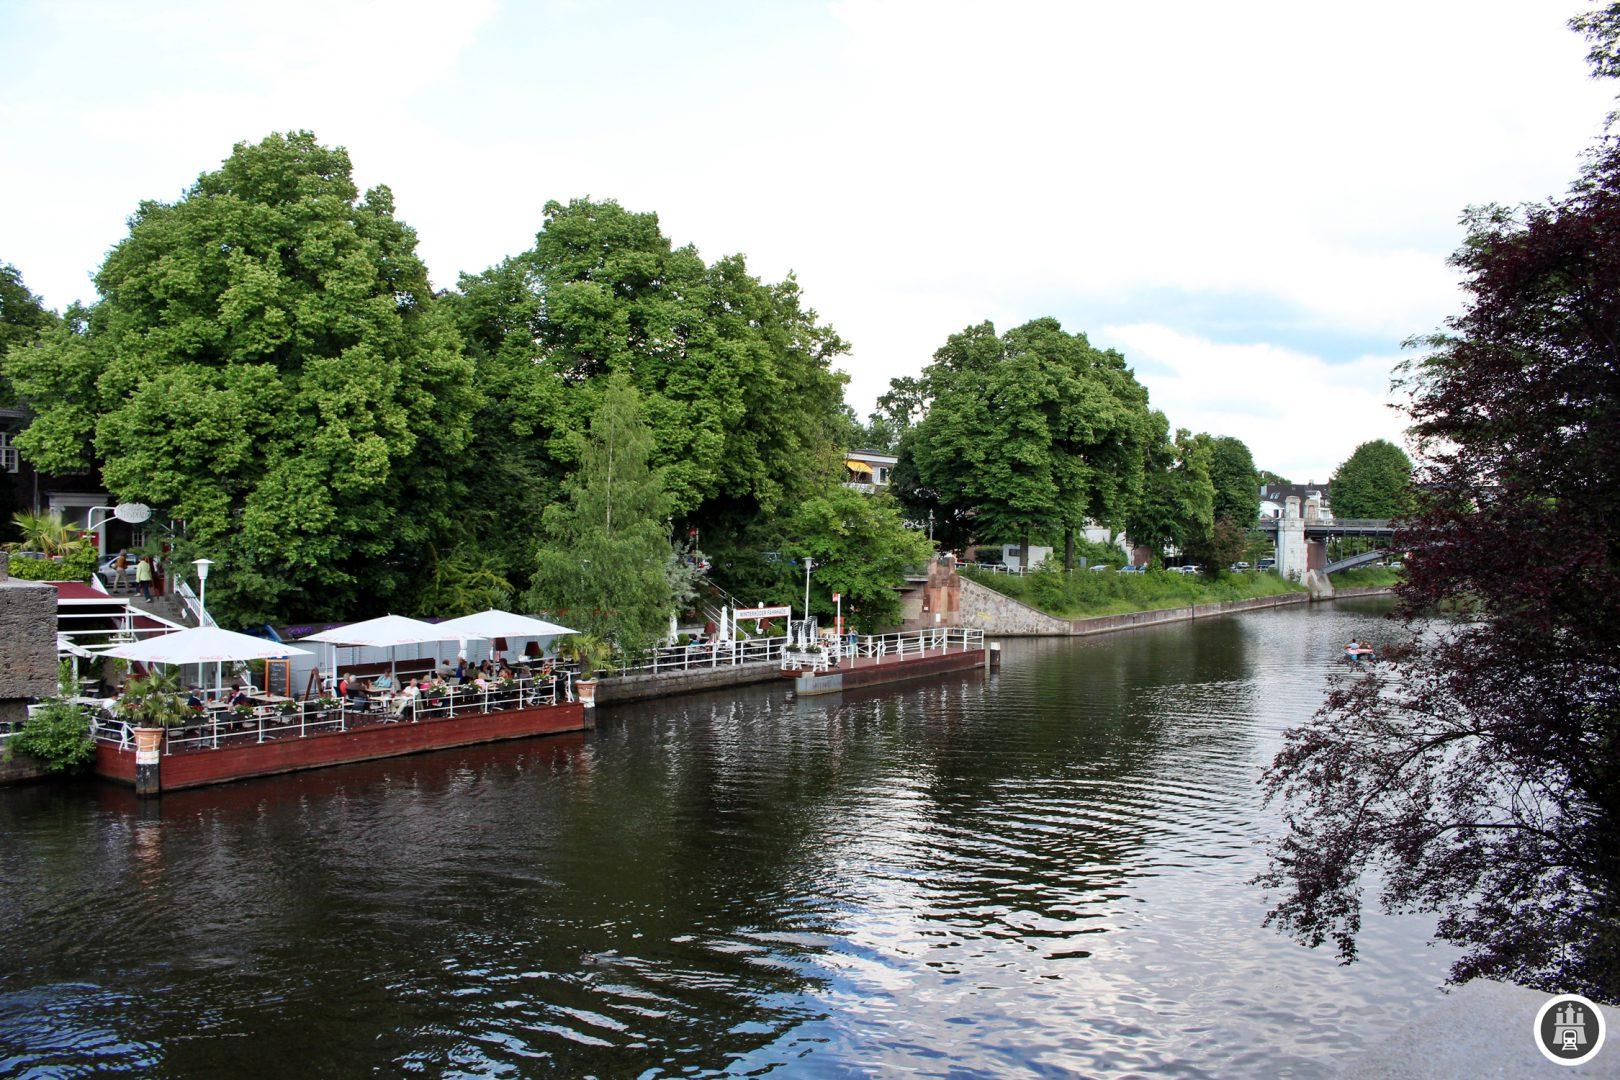 Der Leinpfadkanal wurde 1861 vom Bauträger Adolph Sierich geschaffen, um die benachbarten Wiesen zu entwässern und damit neues Bauland zu erschließen. Am Leinpfadkanal befindet sich die Geschäftsstelle der CDU Hamburg. Das Bild zeigt die Alster, links befindet sich der Leinpfad samt Kanal.